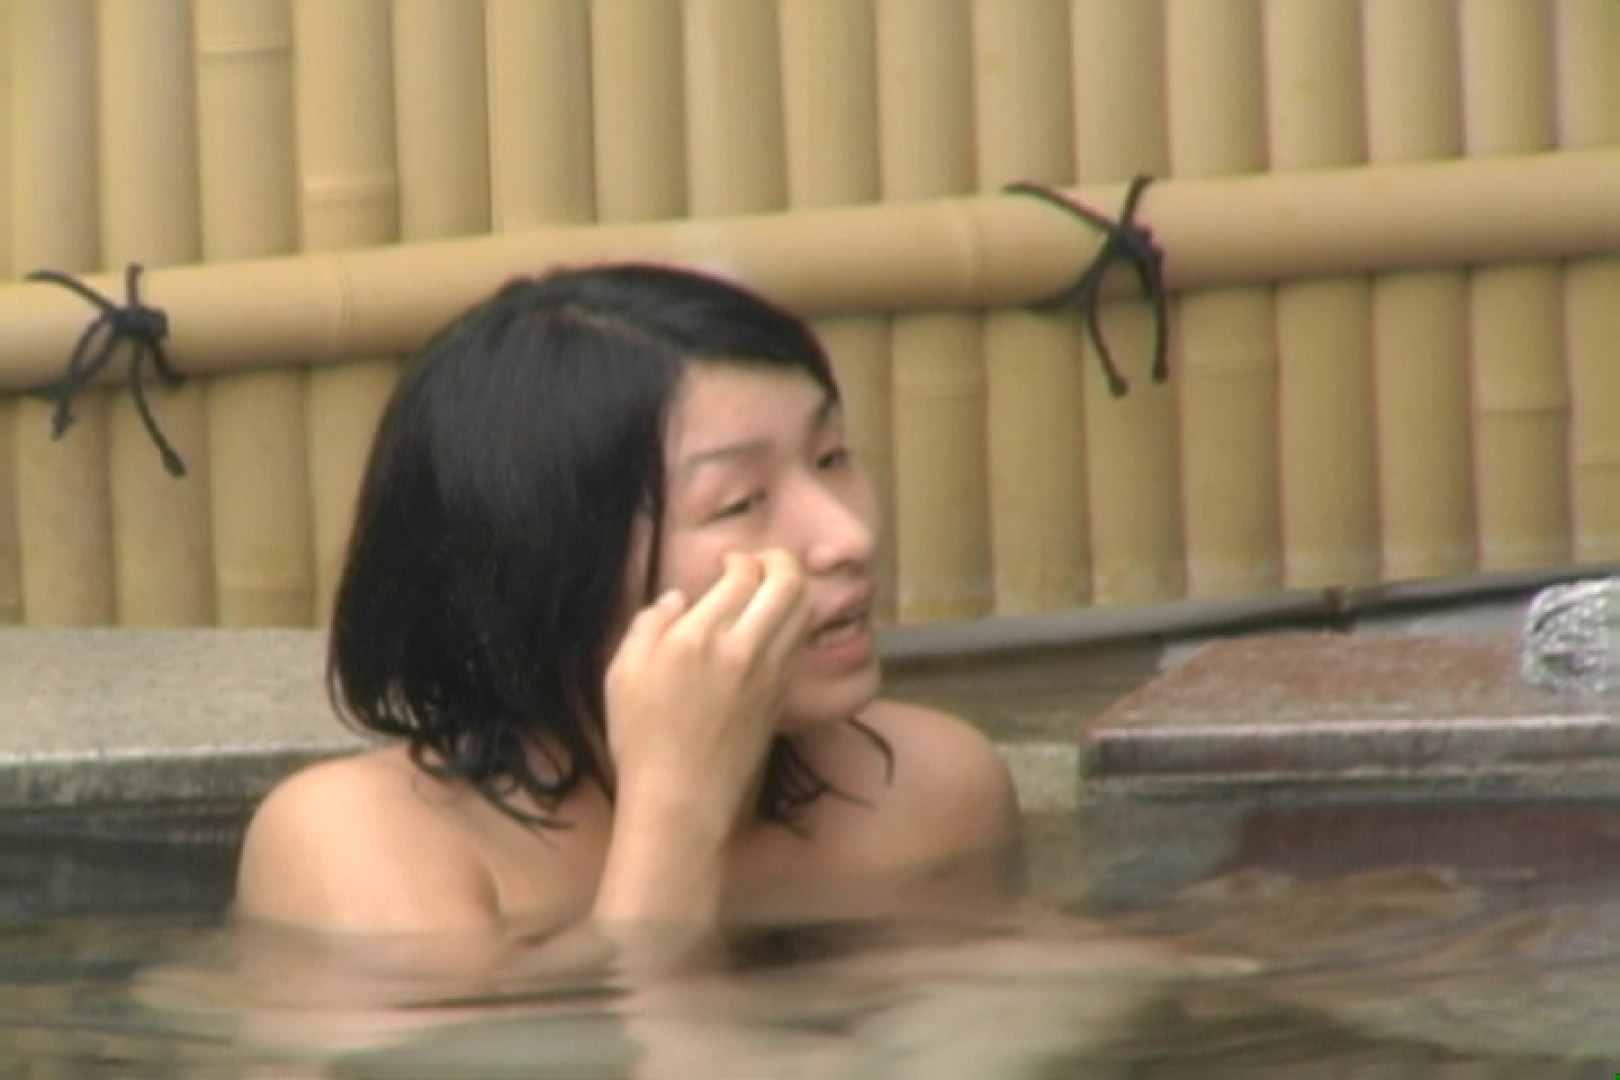 Aquaな露天風呂Vol.618 盗撮 | OLのエロ生活  67連発 43